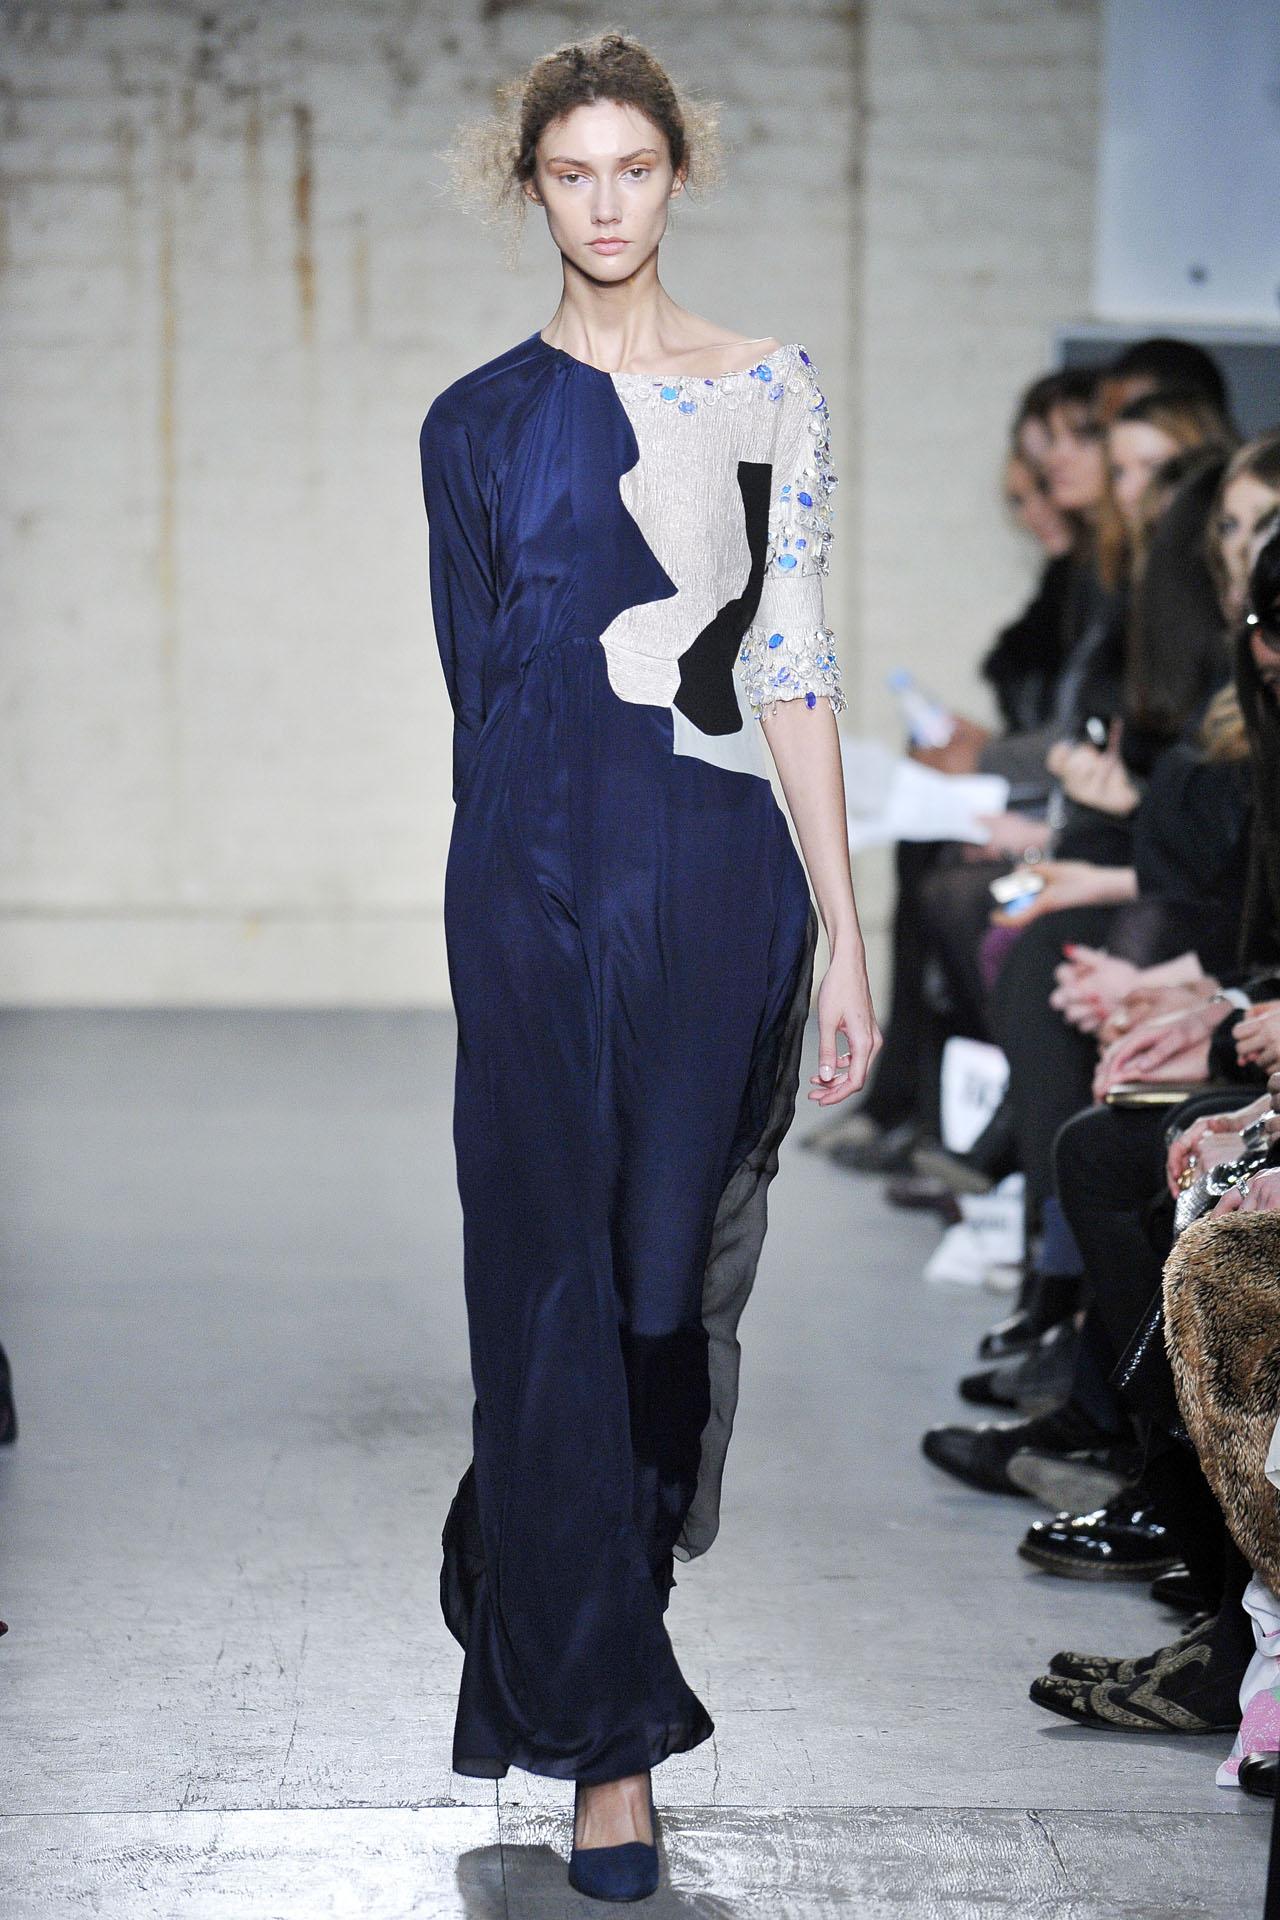 Ksenia kahnovich fashion spot 2018 April 2013 - About A Girl